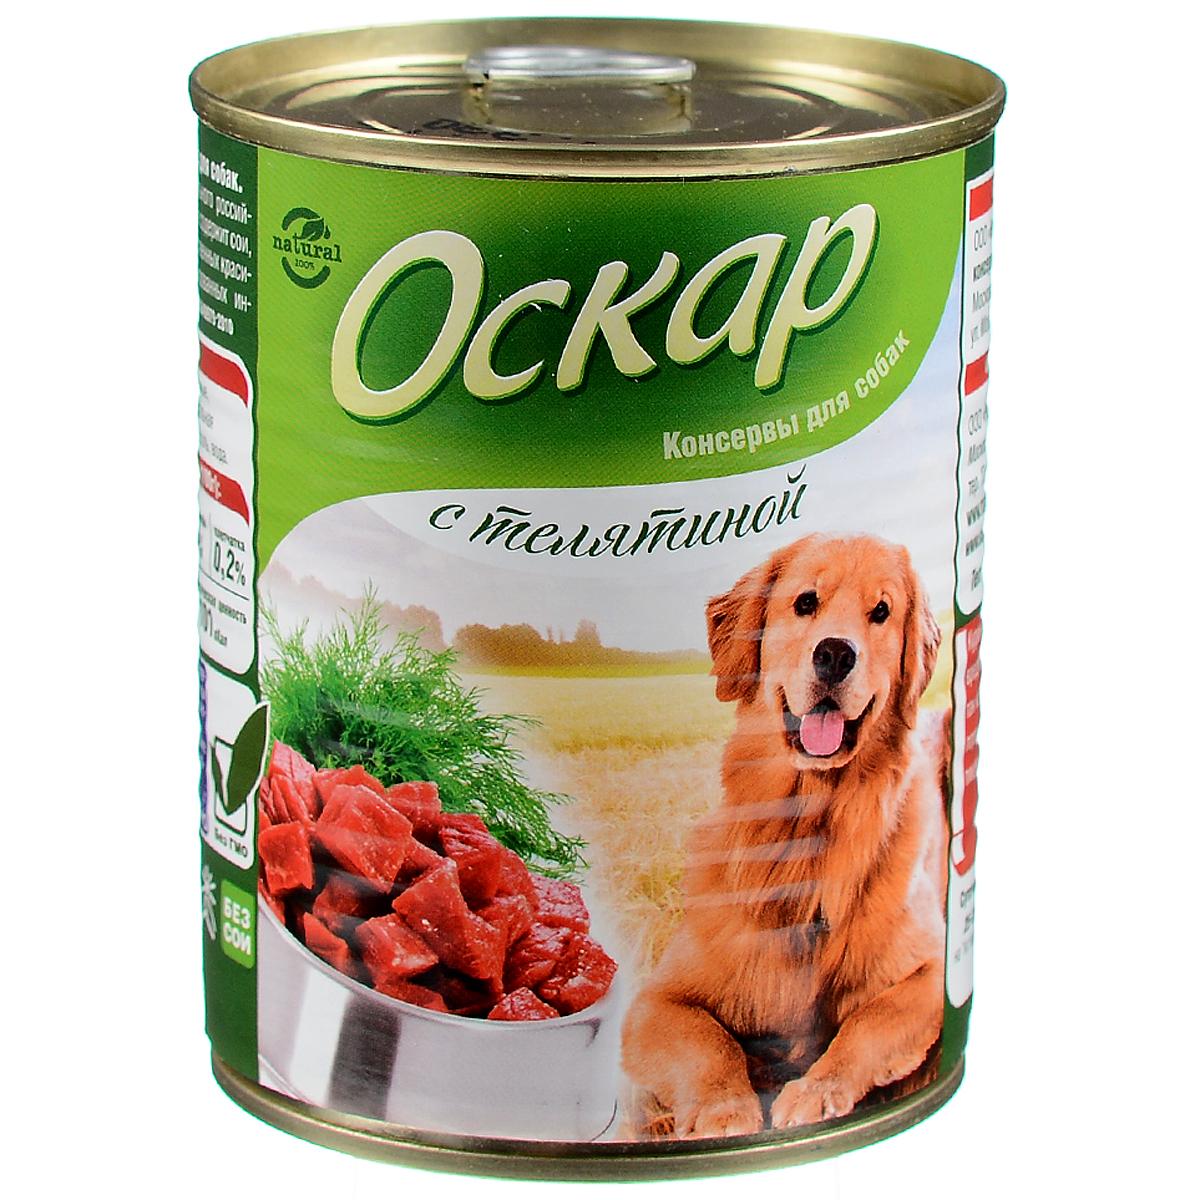 Консервы для собак Оскар, с телятиной, 350 г59362Консервы для собак Оскар изготовлены из натурального российского мясного сырья. Не содержат сои, ароматизаторов, искусственных красителей, ГМО. Состав: говядина, субпродукты мясные, растительное масло, натуральная желеобразующая добавка, соль, вода. Пищевая ценность (100 г): протеин 10%, жир 5%, углеводы 4%, клетчатка 0,2%, зола 2%, влага 75%. Энергетическая ценность (на 100 г): 101 кКал. Товар сертифицирован.